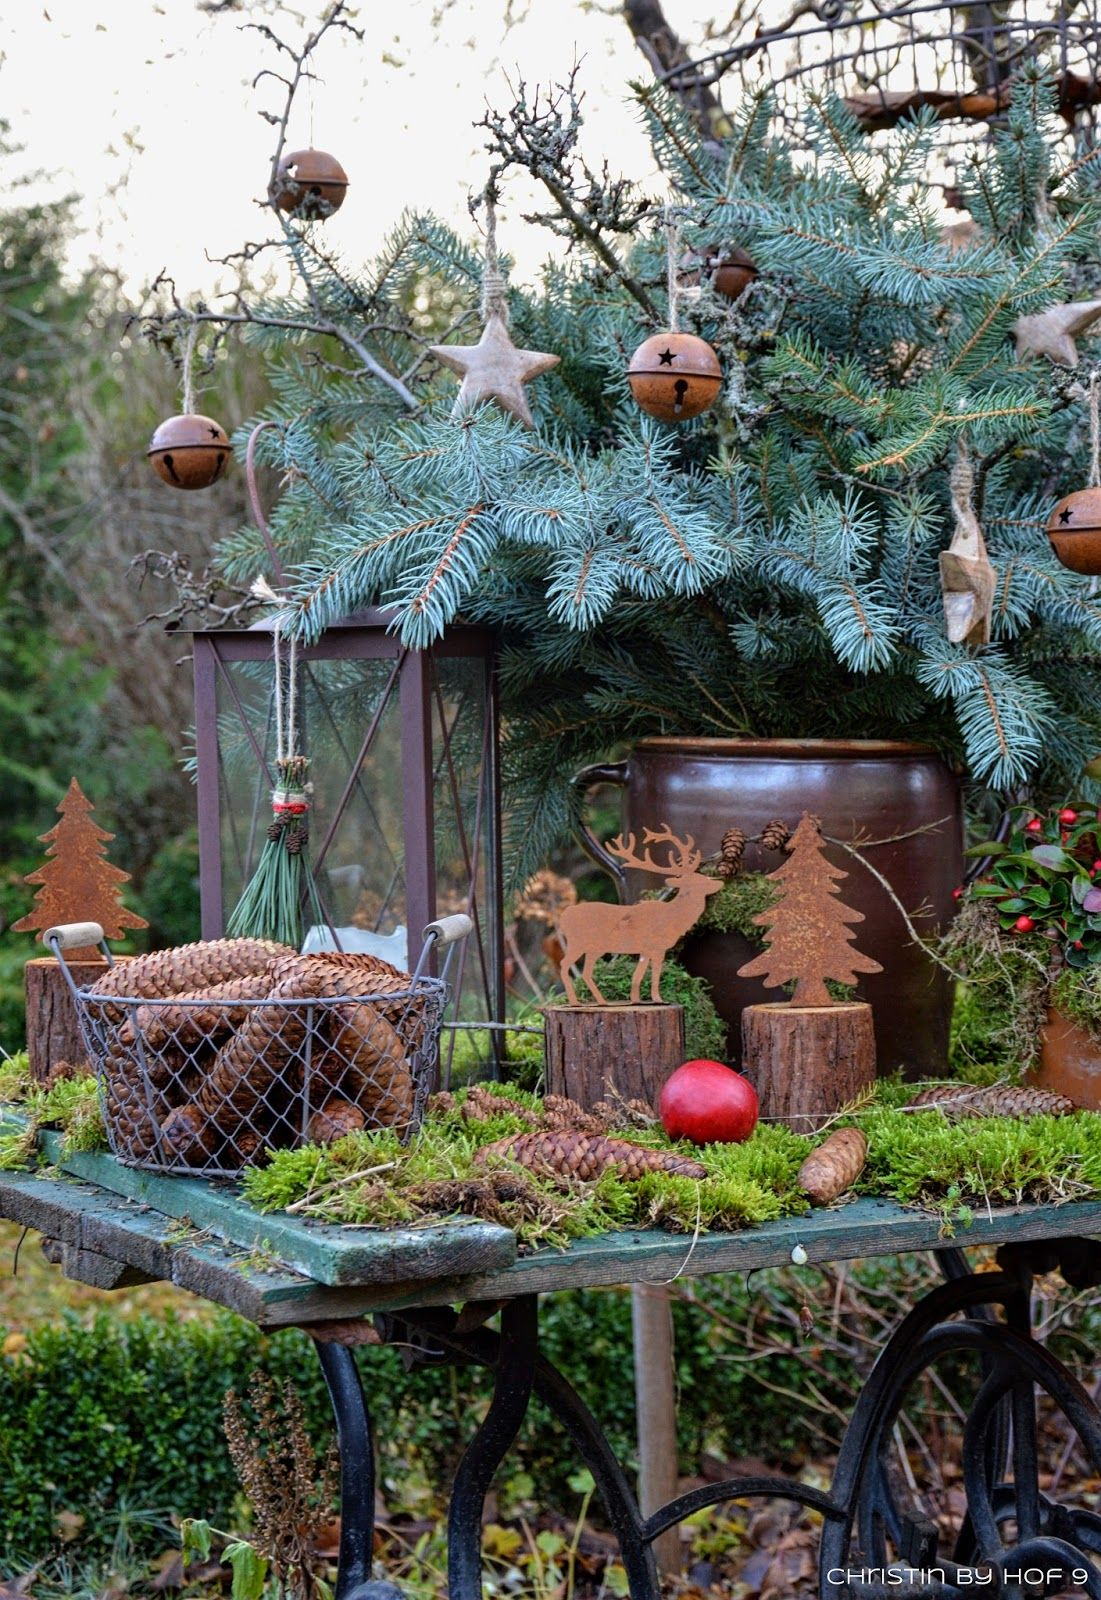 Quaste aus kiefernadeln nat rliche gartendeko im winter weihnachtsdekoration im garten - Garten weihnachtsdeko ...